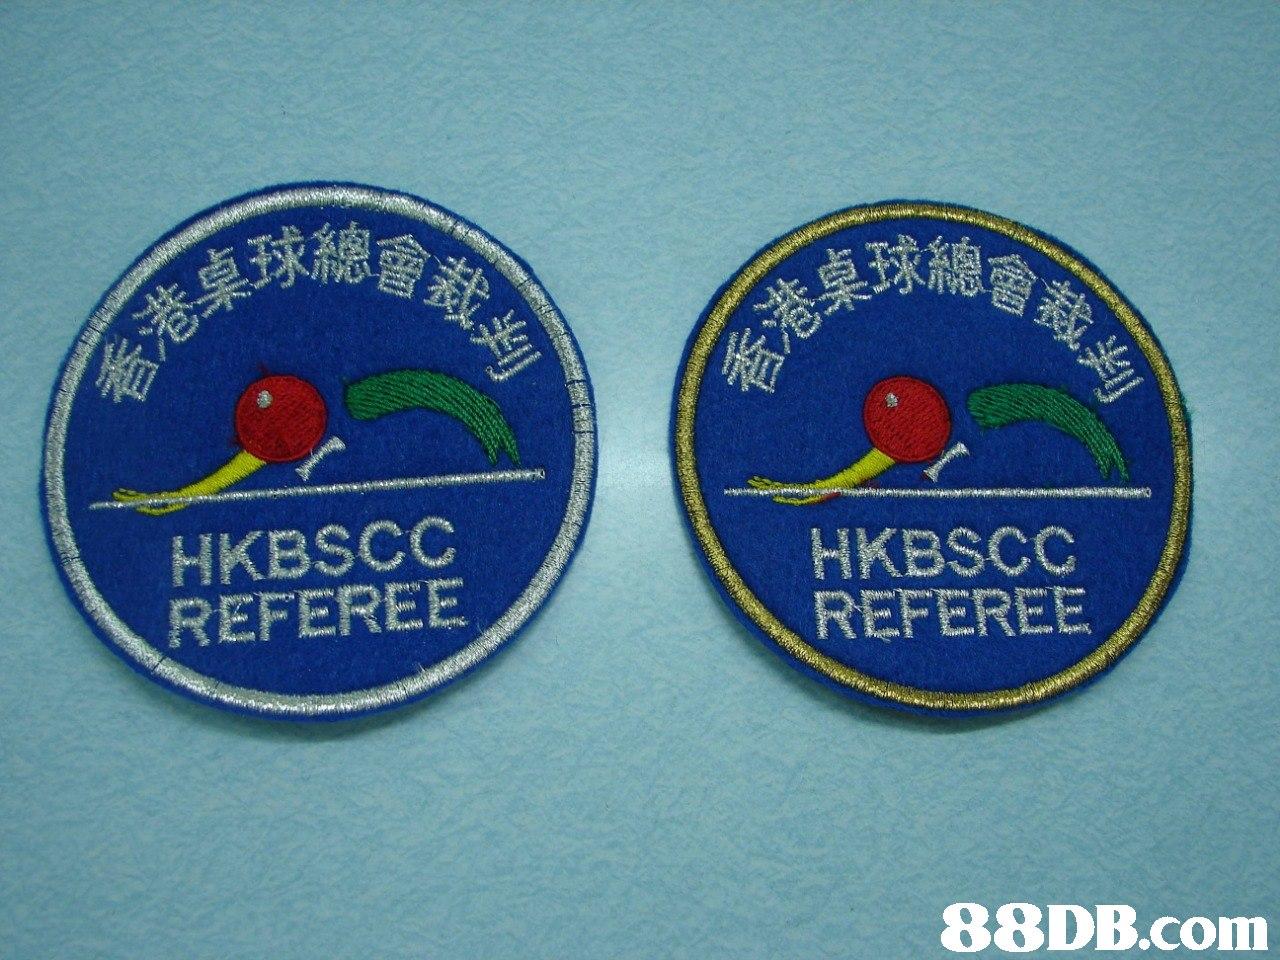 總會 桌球總 HKBSCC REFEREE HKBSCC REFEREE   label,badge,